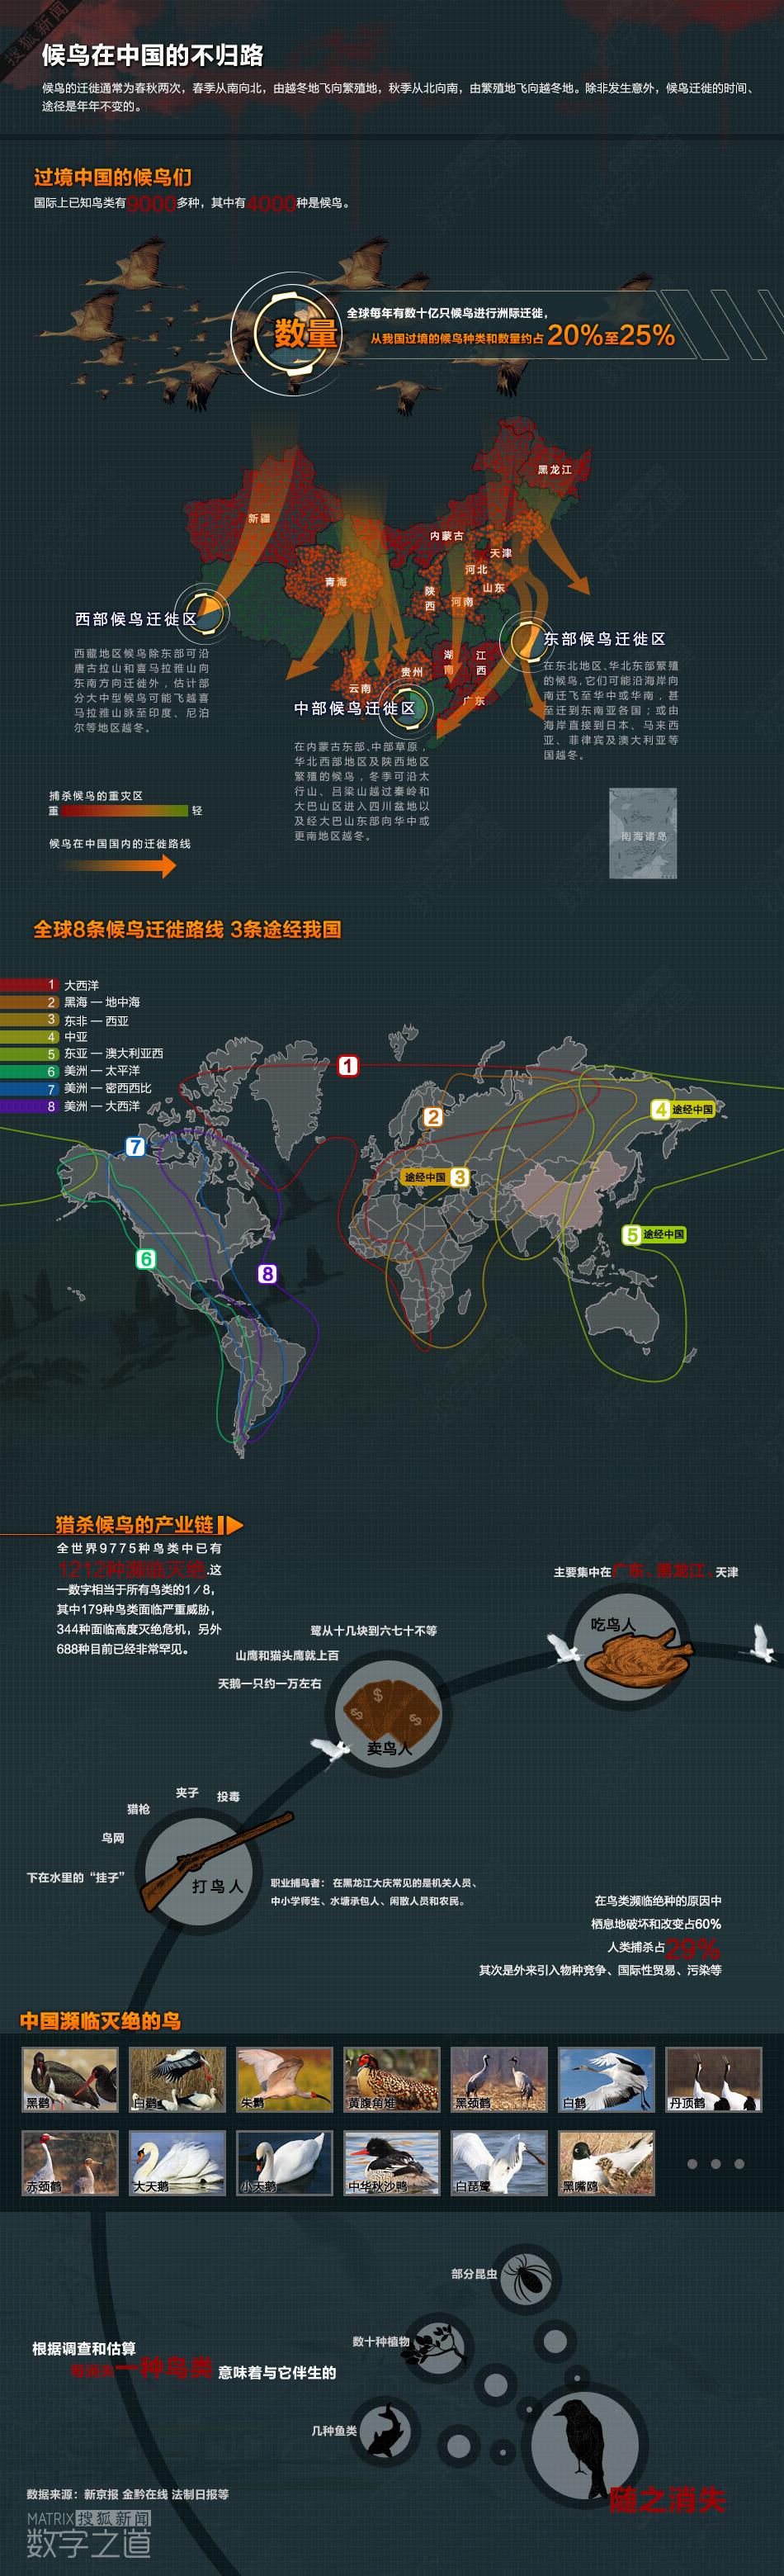 数字之道093期:候鸟迁徙的中国死亡地图-搜狐新闻